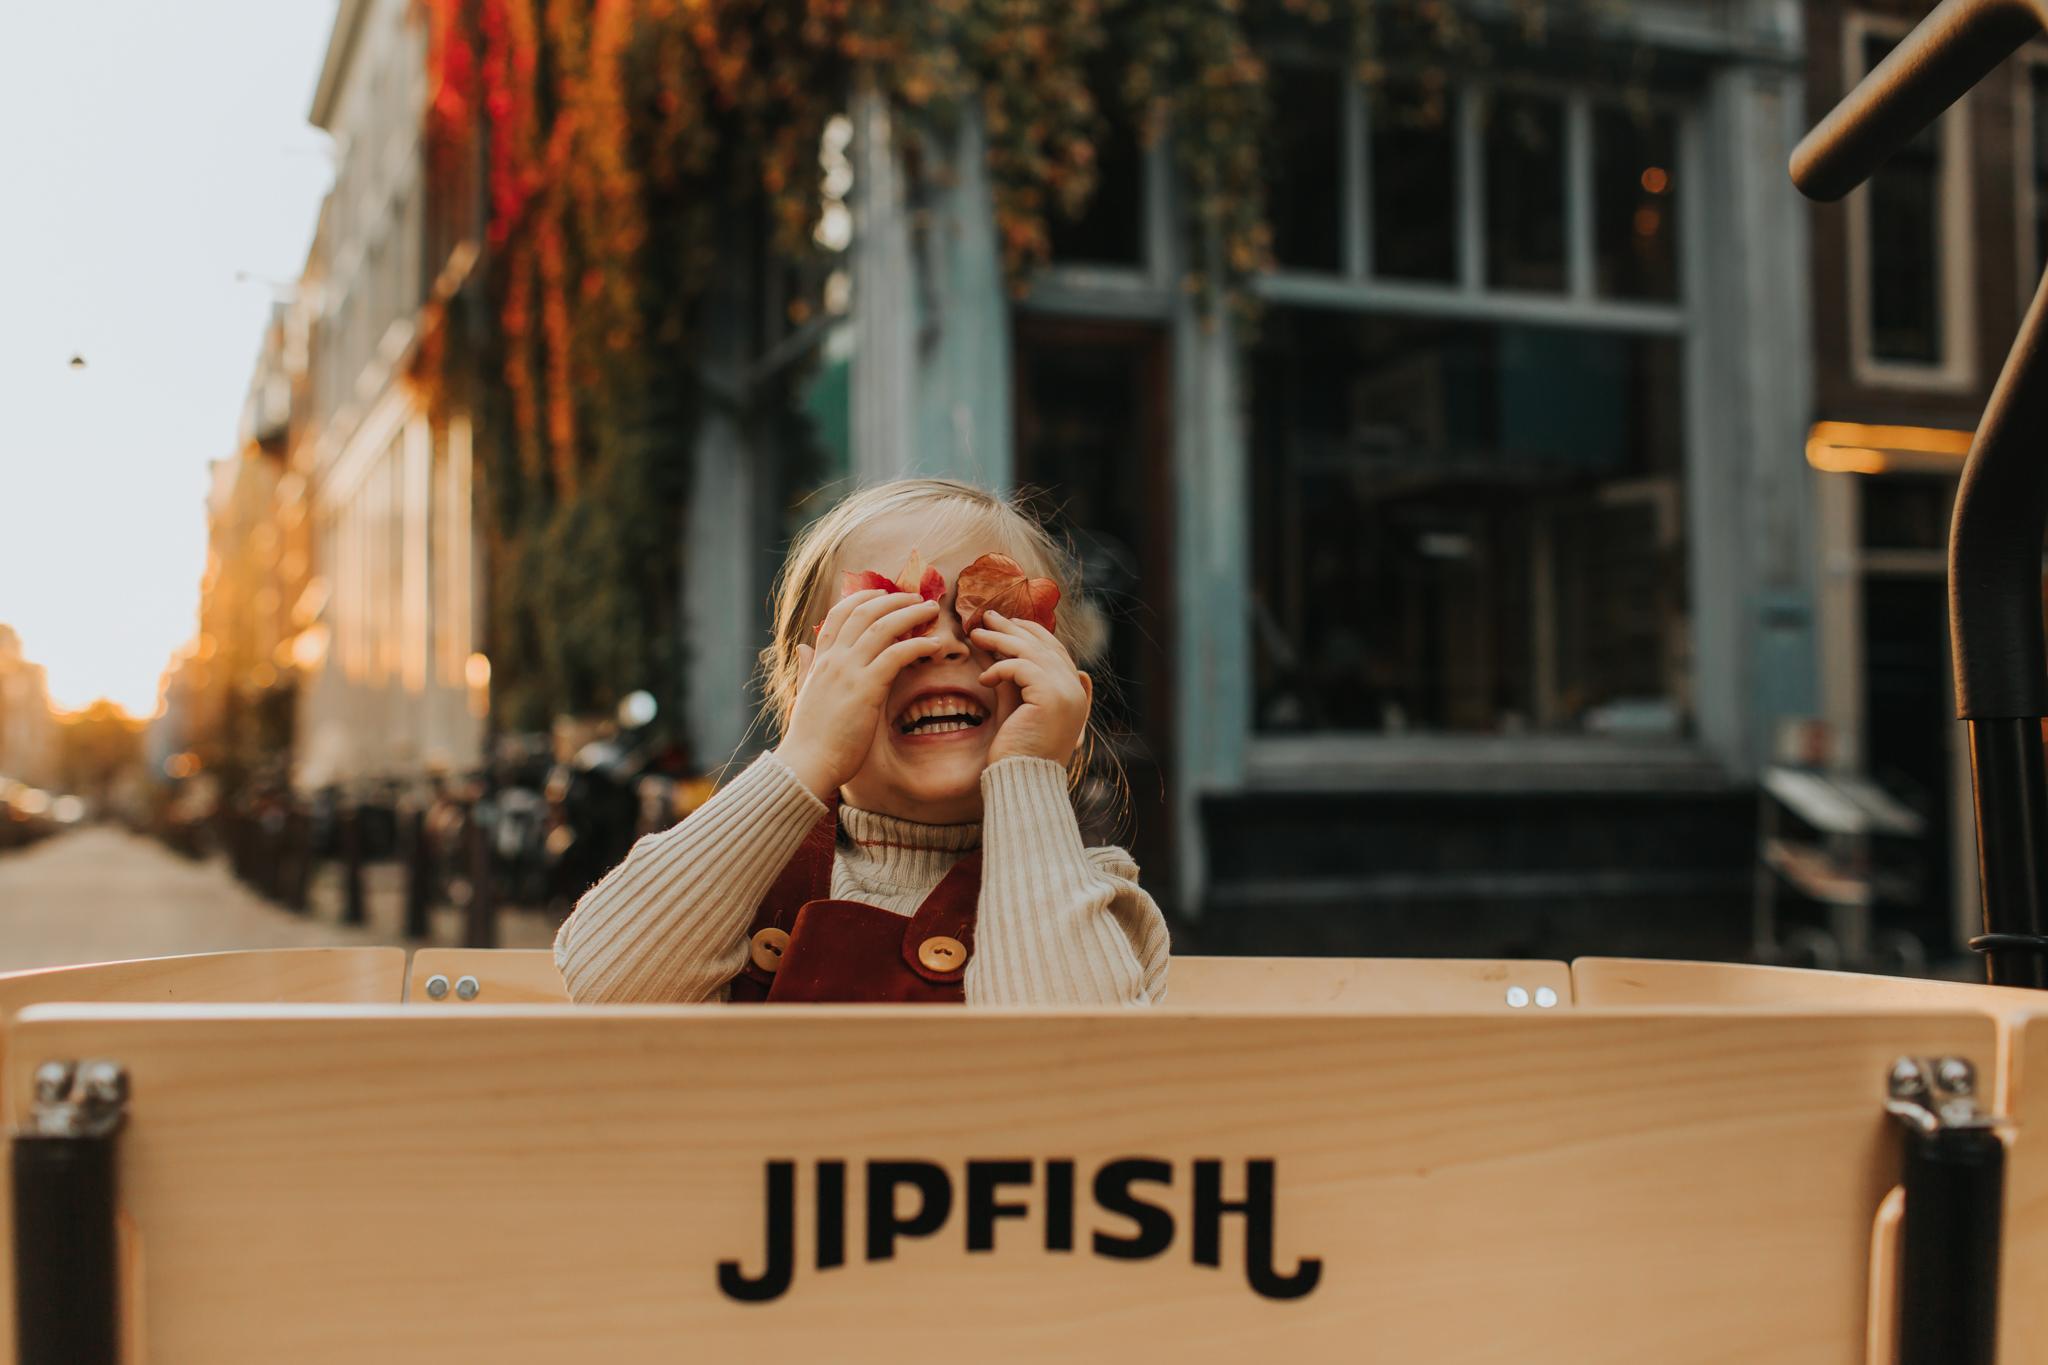 Jipfish-Fall-22.jpg